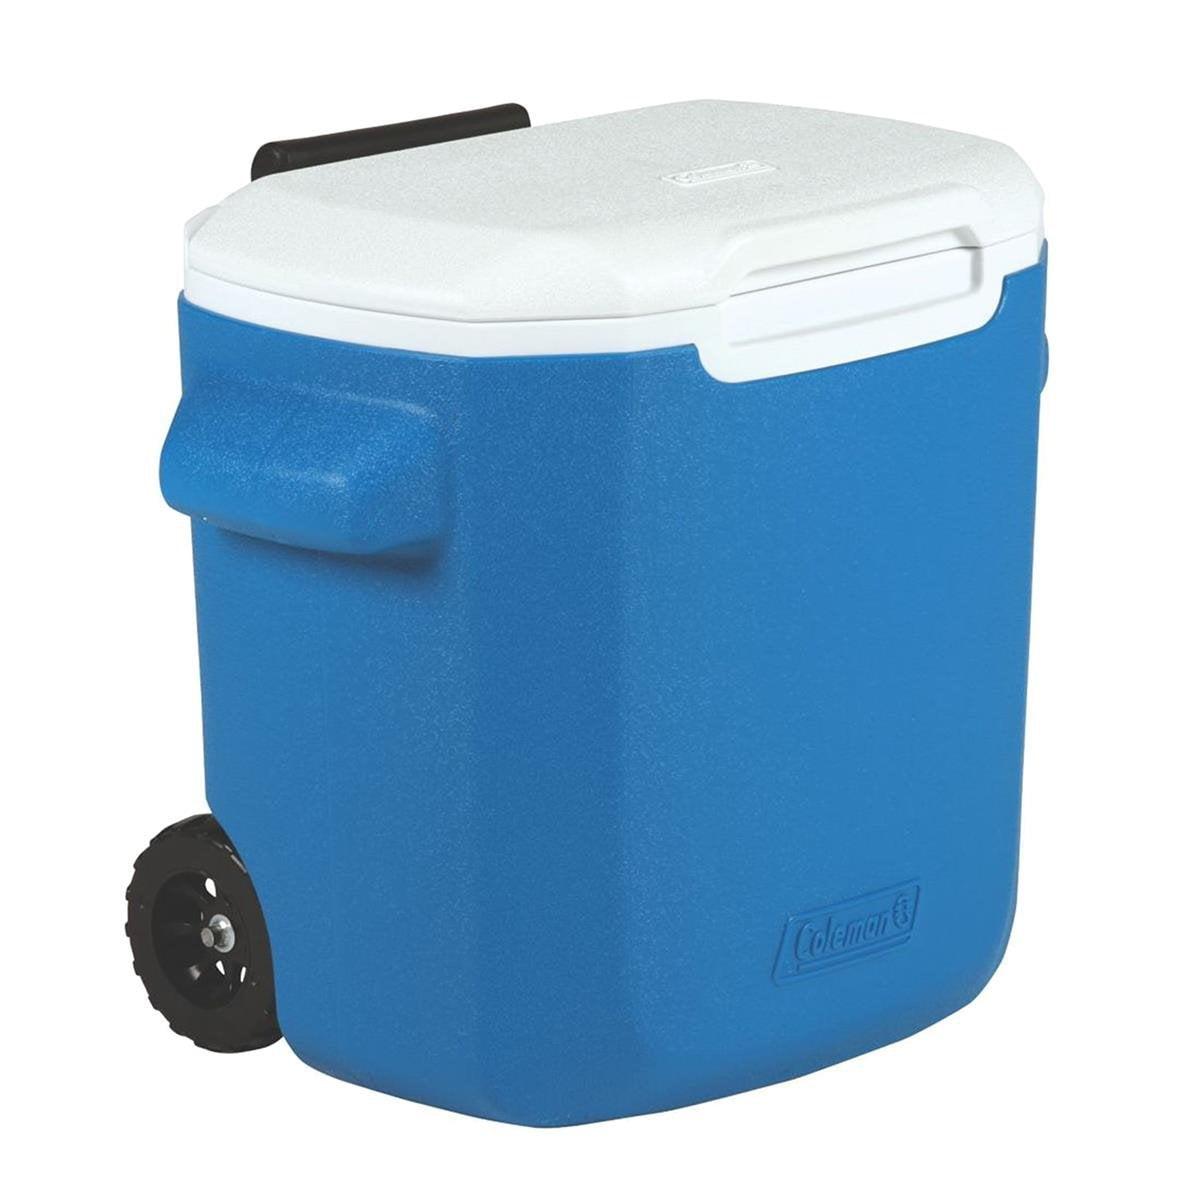 Caixa Térmica Coleman Com Rodas 16QT / 15,1 Litros - Azul